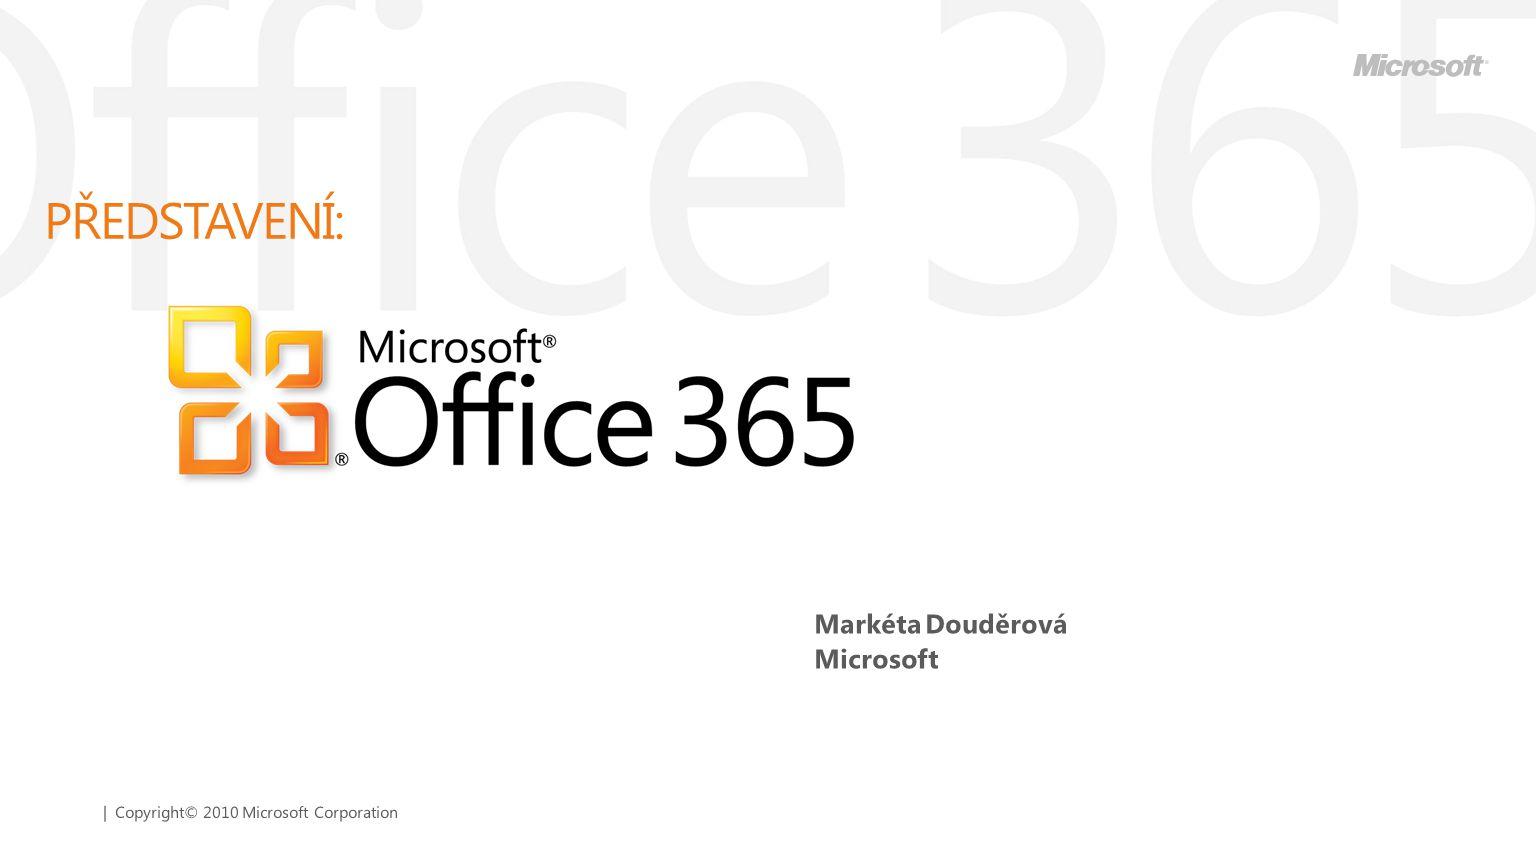 | Copyright© 2010 Microsoft Corporation Markéta Douděrová Microsoft PŘEDSTAVENÍ: